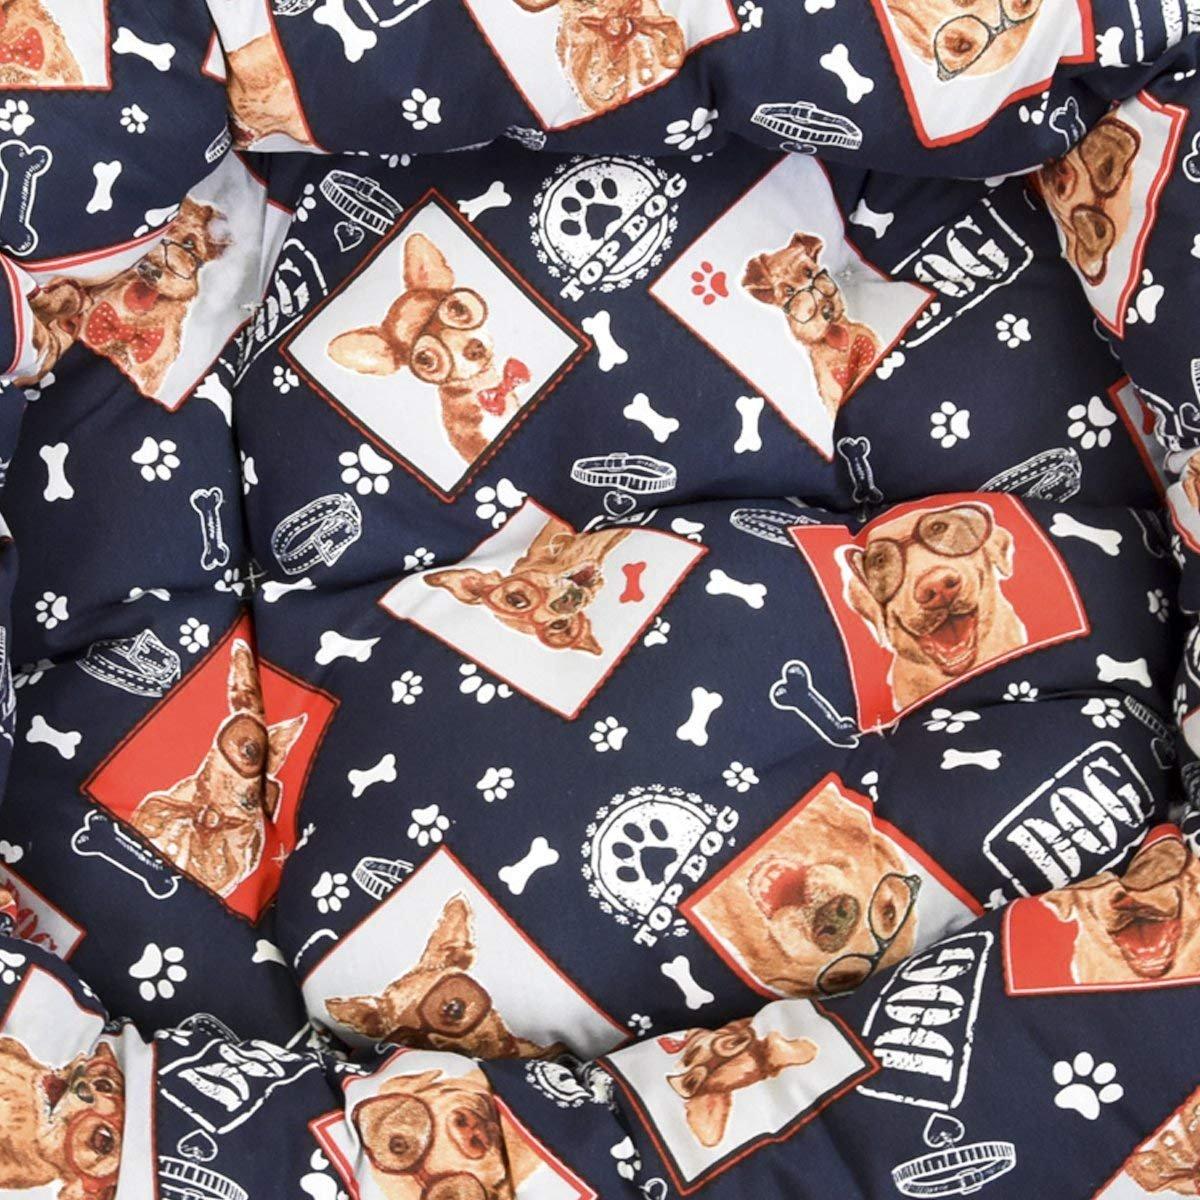 Cisne 2013, S.L. ¡Oferta Cama para Perro y Gato Perros Gafas E 60 * 45cm.: Amazon.es: Hogar